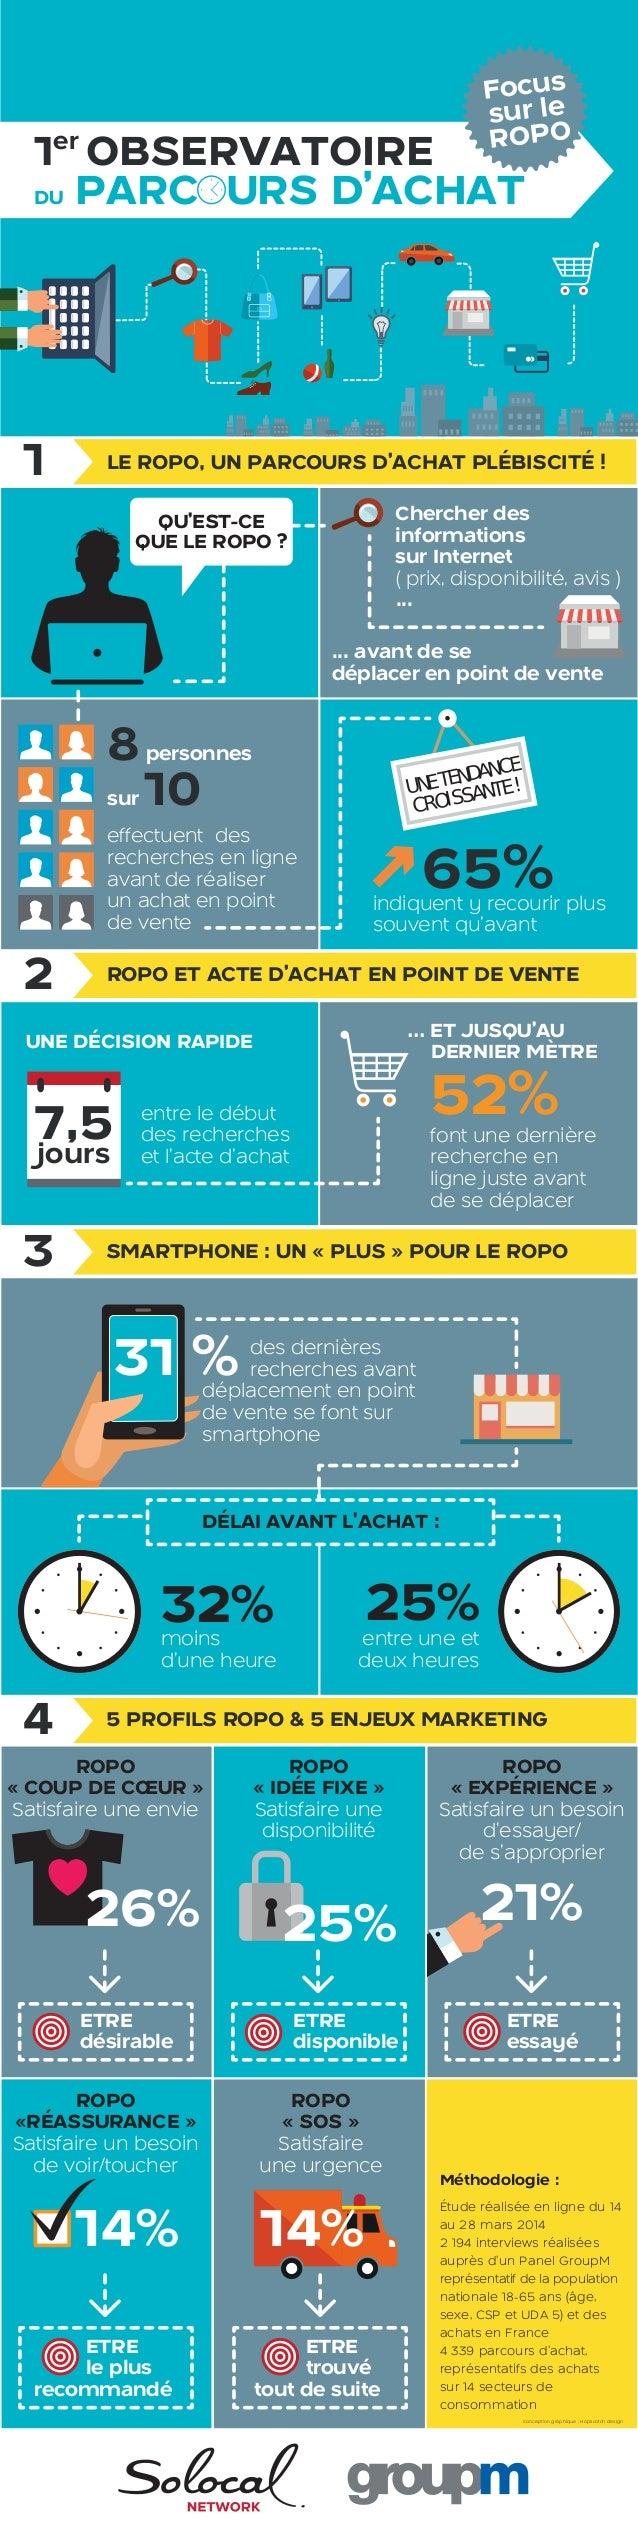 65%indiquent y recourir plus souvent qu'avant 1er OBSERVATOIRE DU PARC URS D'ACHAT Chercher des informations sur Internet ...